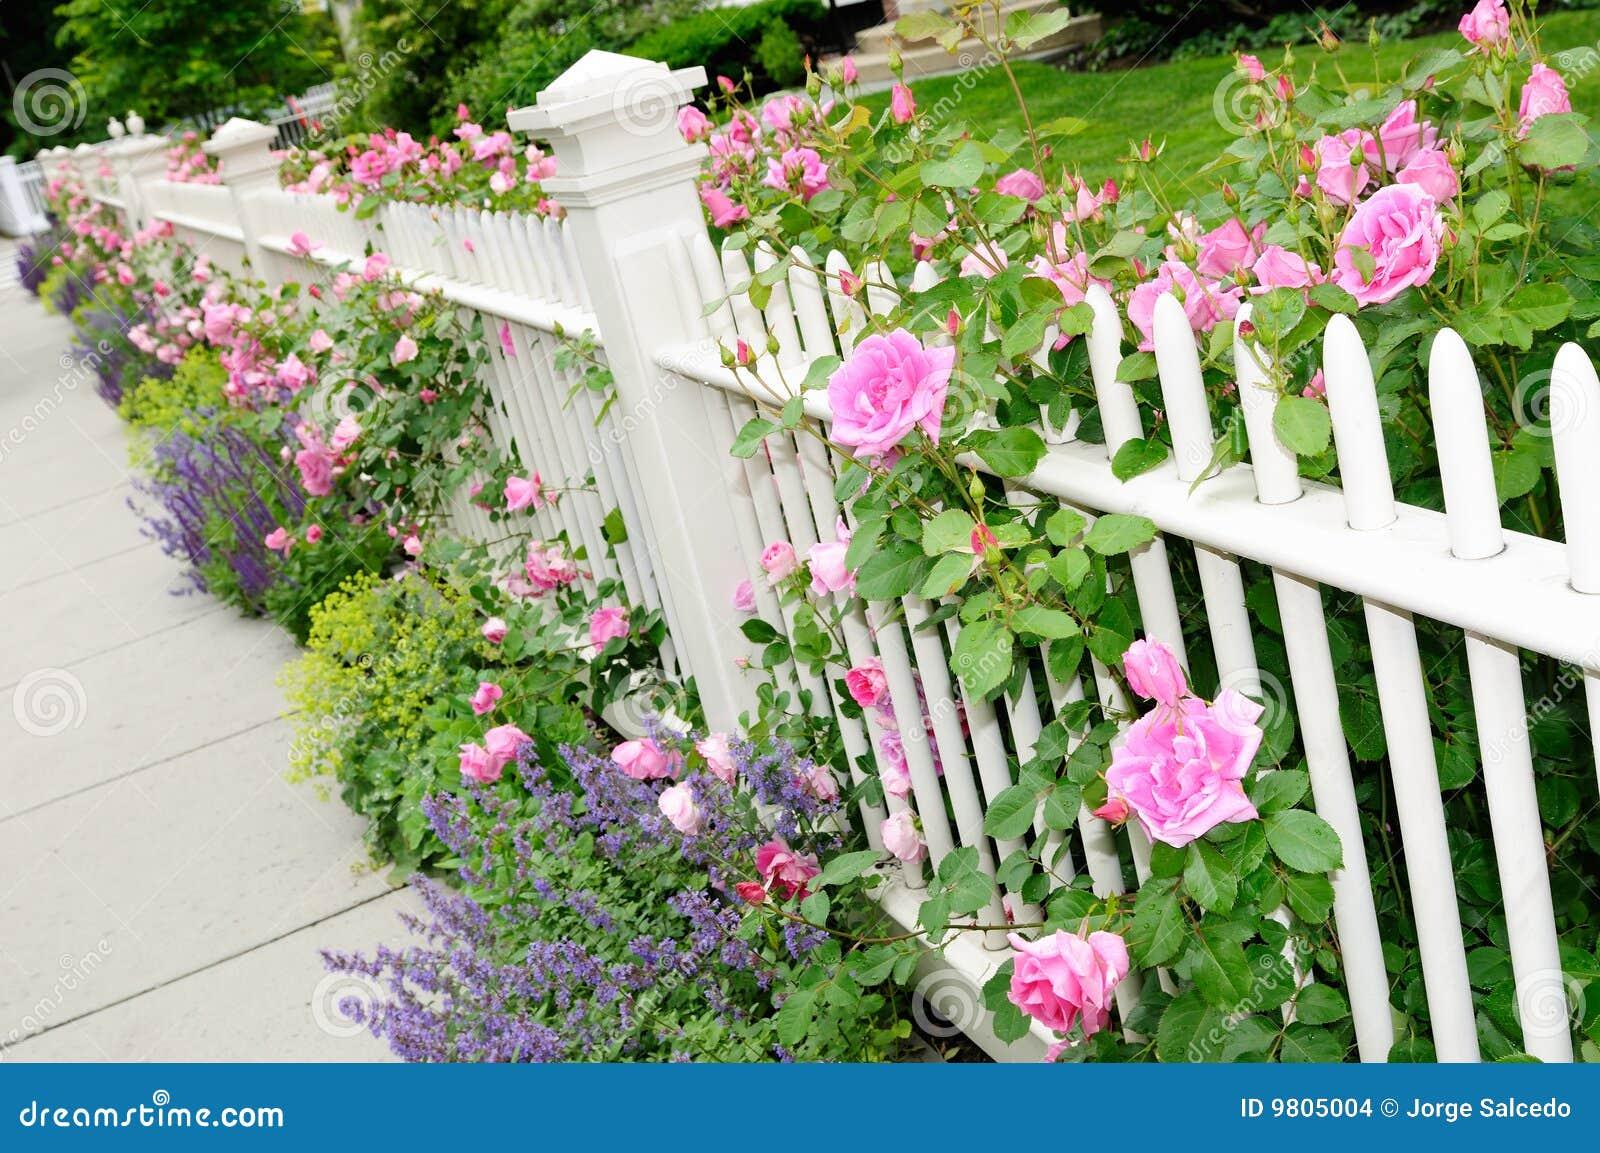 weißer zaun und rosafarbene rose-nahaufnahme stockfoto - bild von